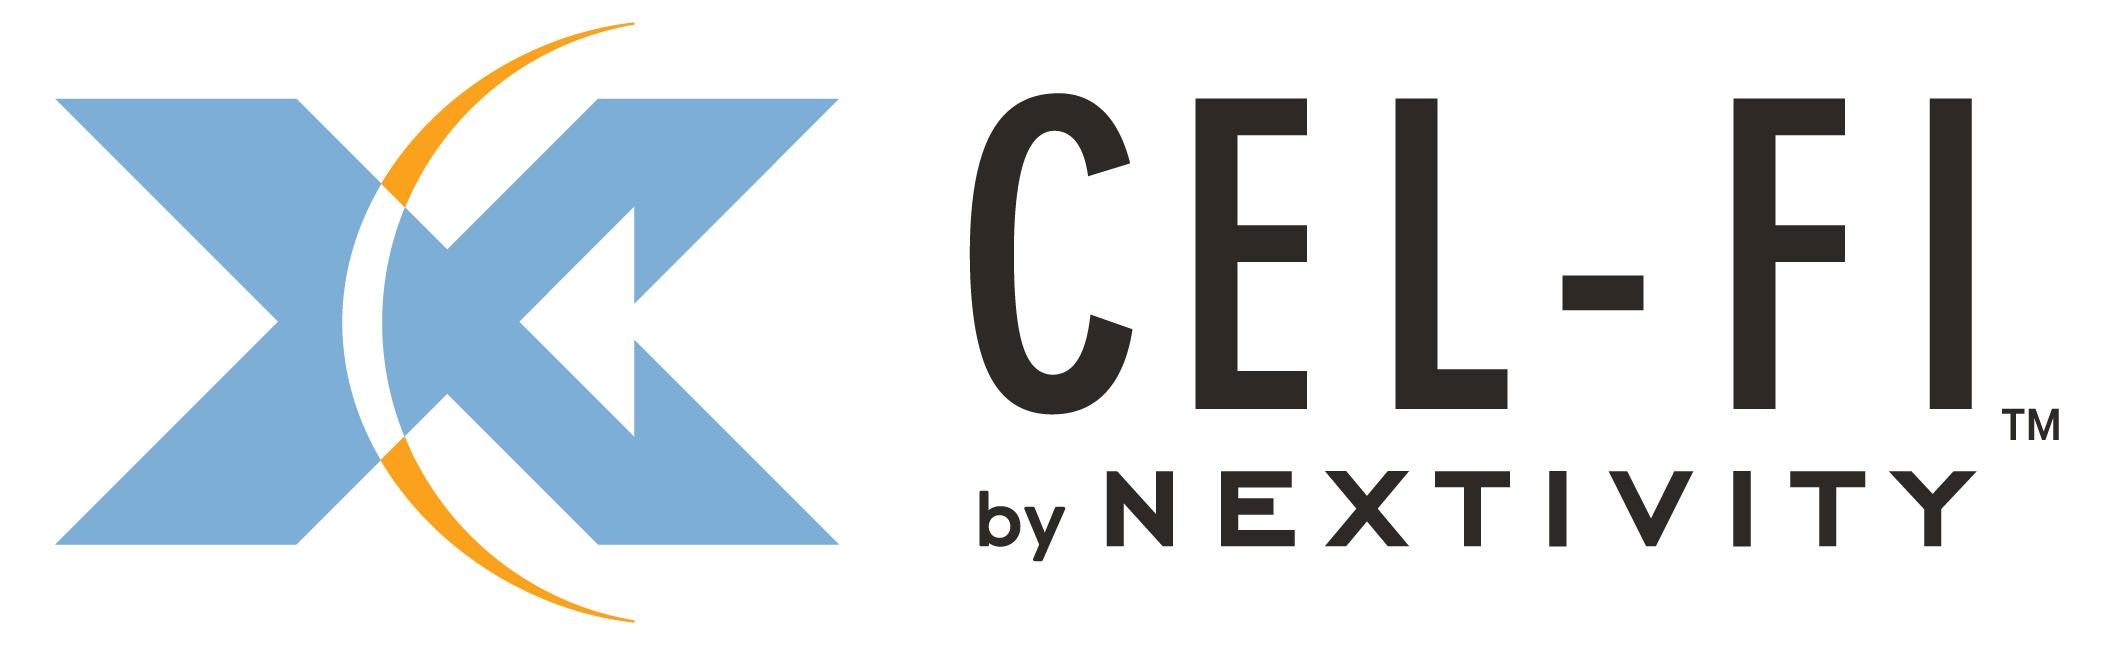 Nextivity